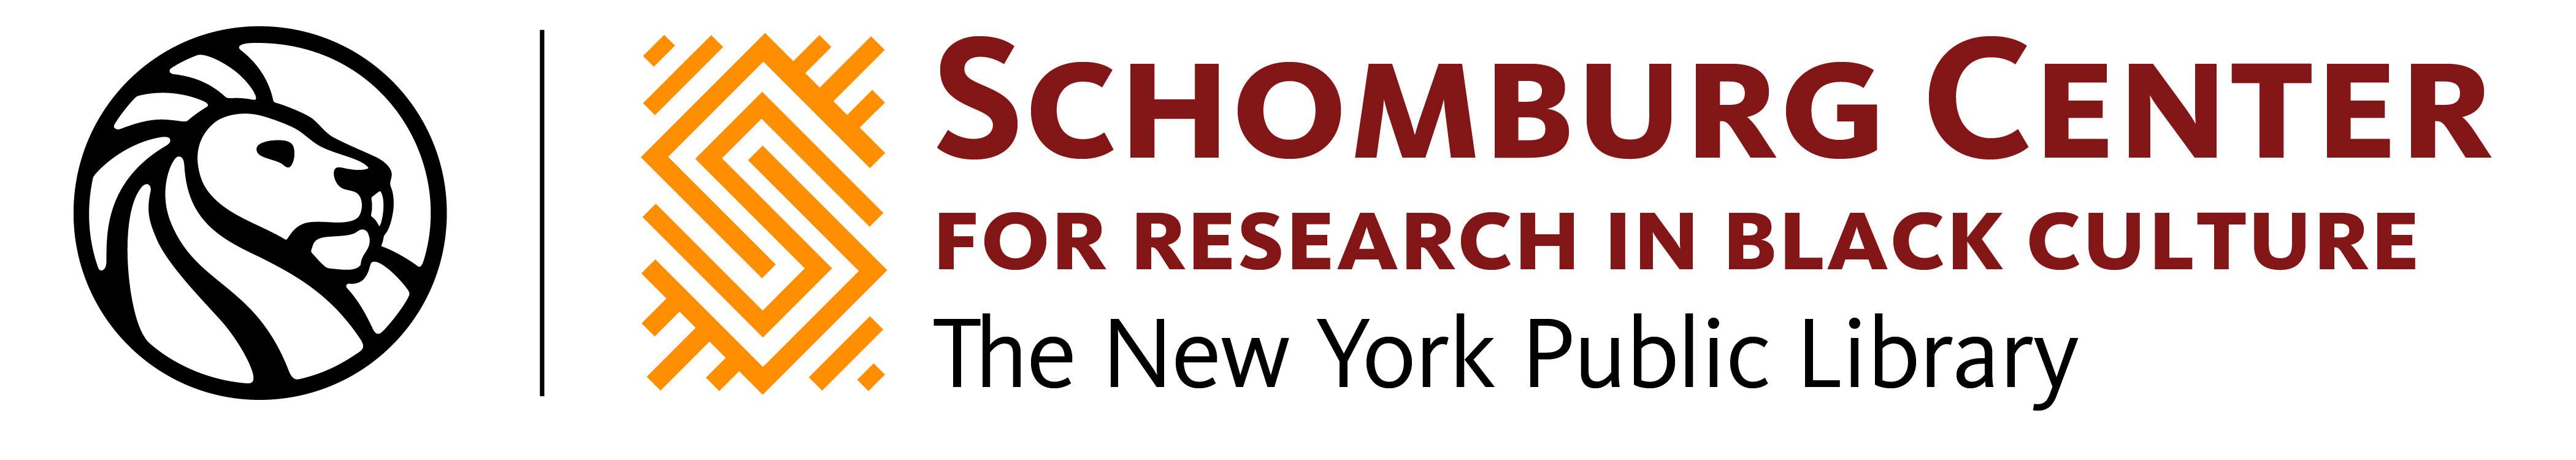 Schomburg Center logo